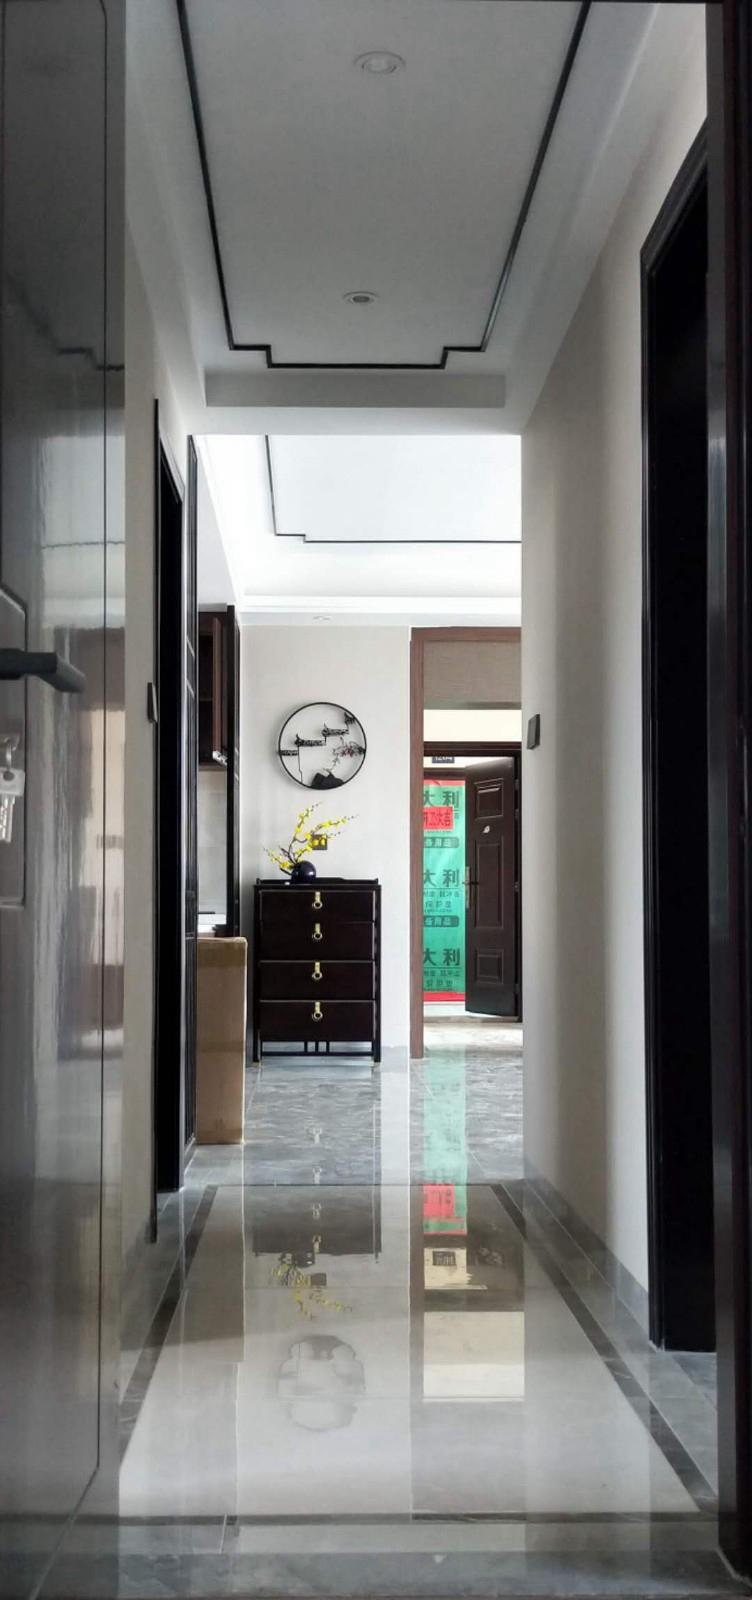 新中式风格设计,自然流露的优雅范